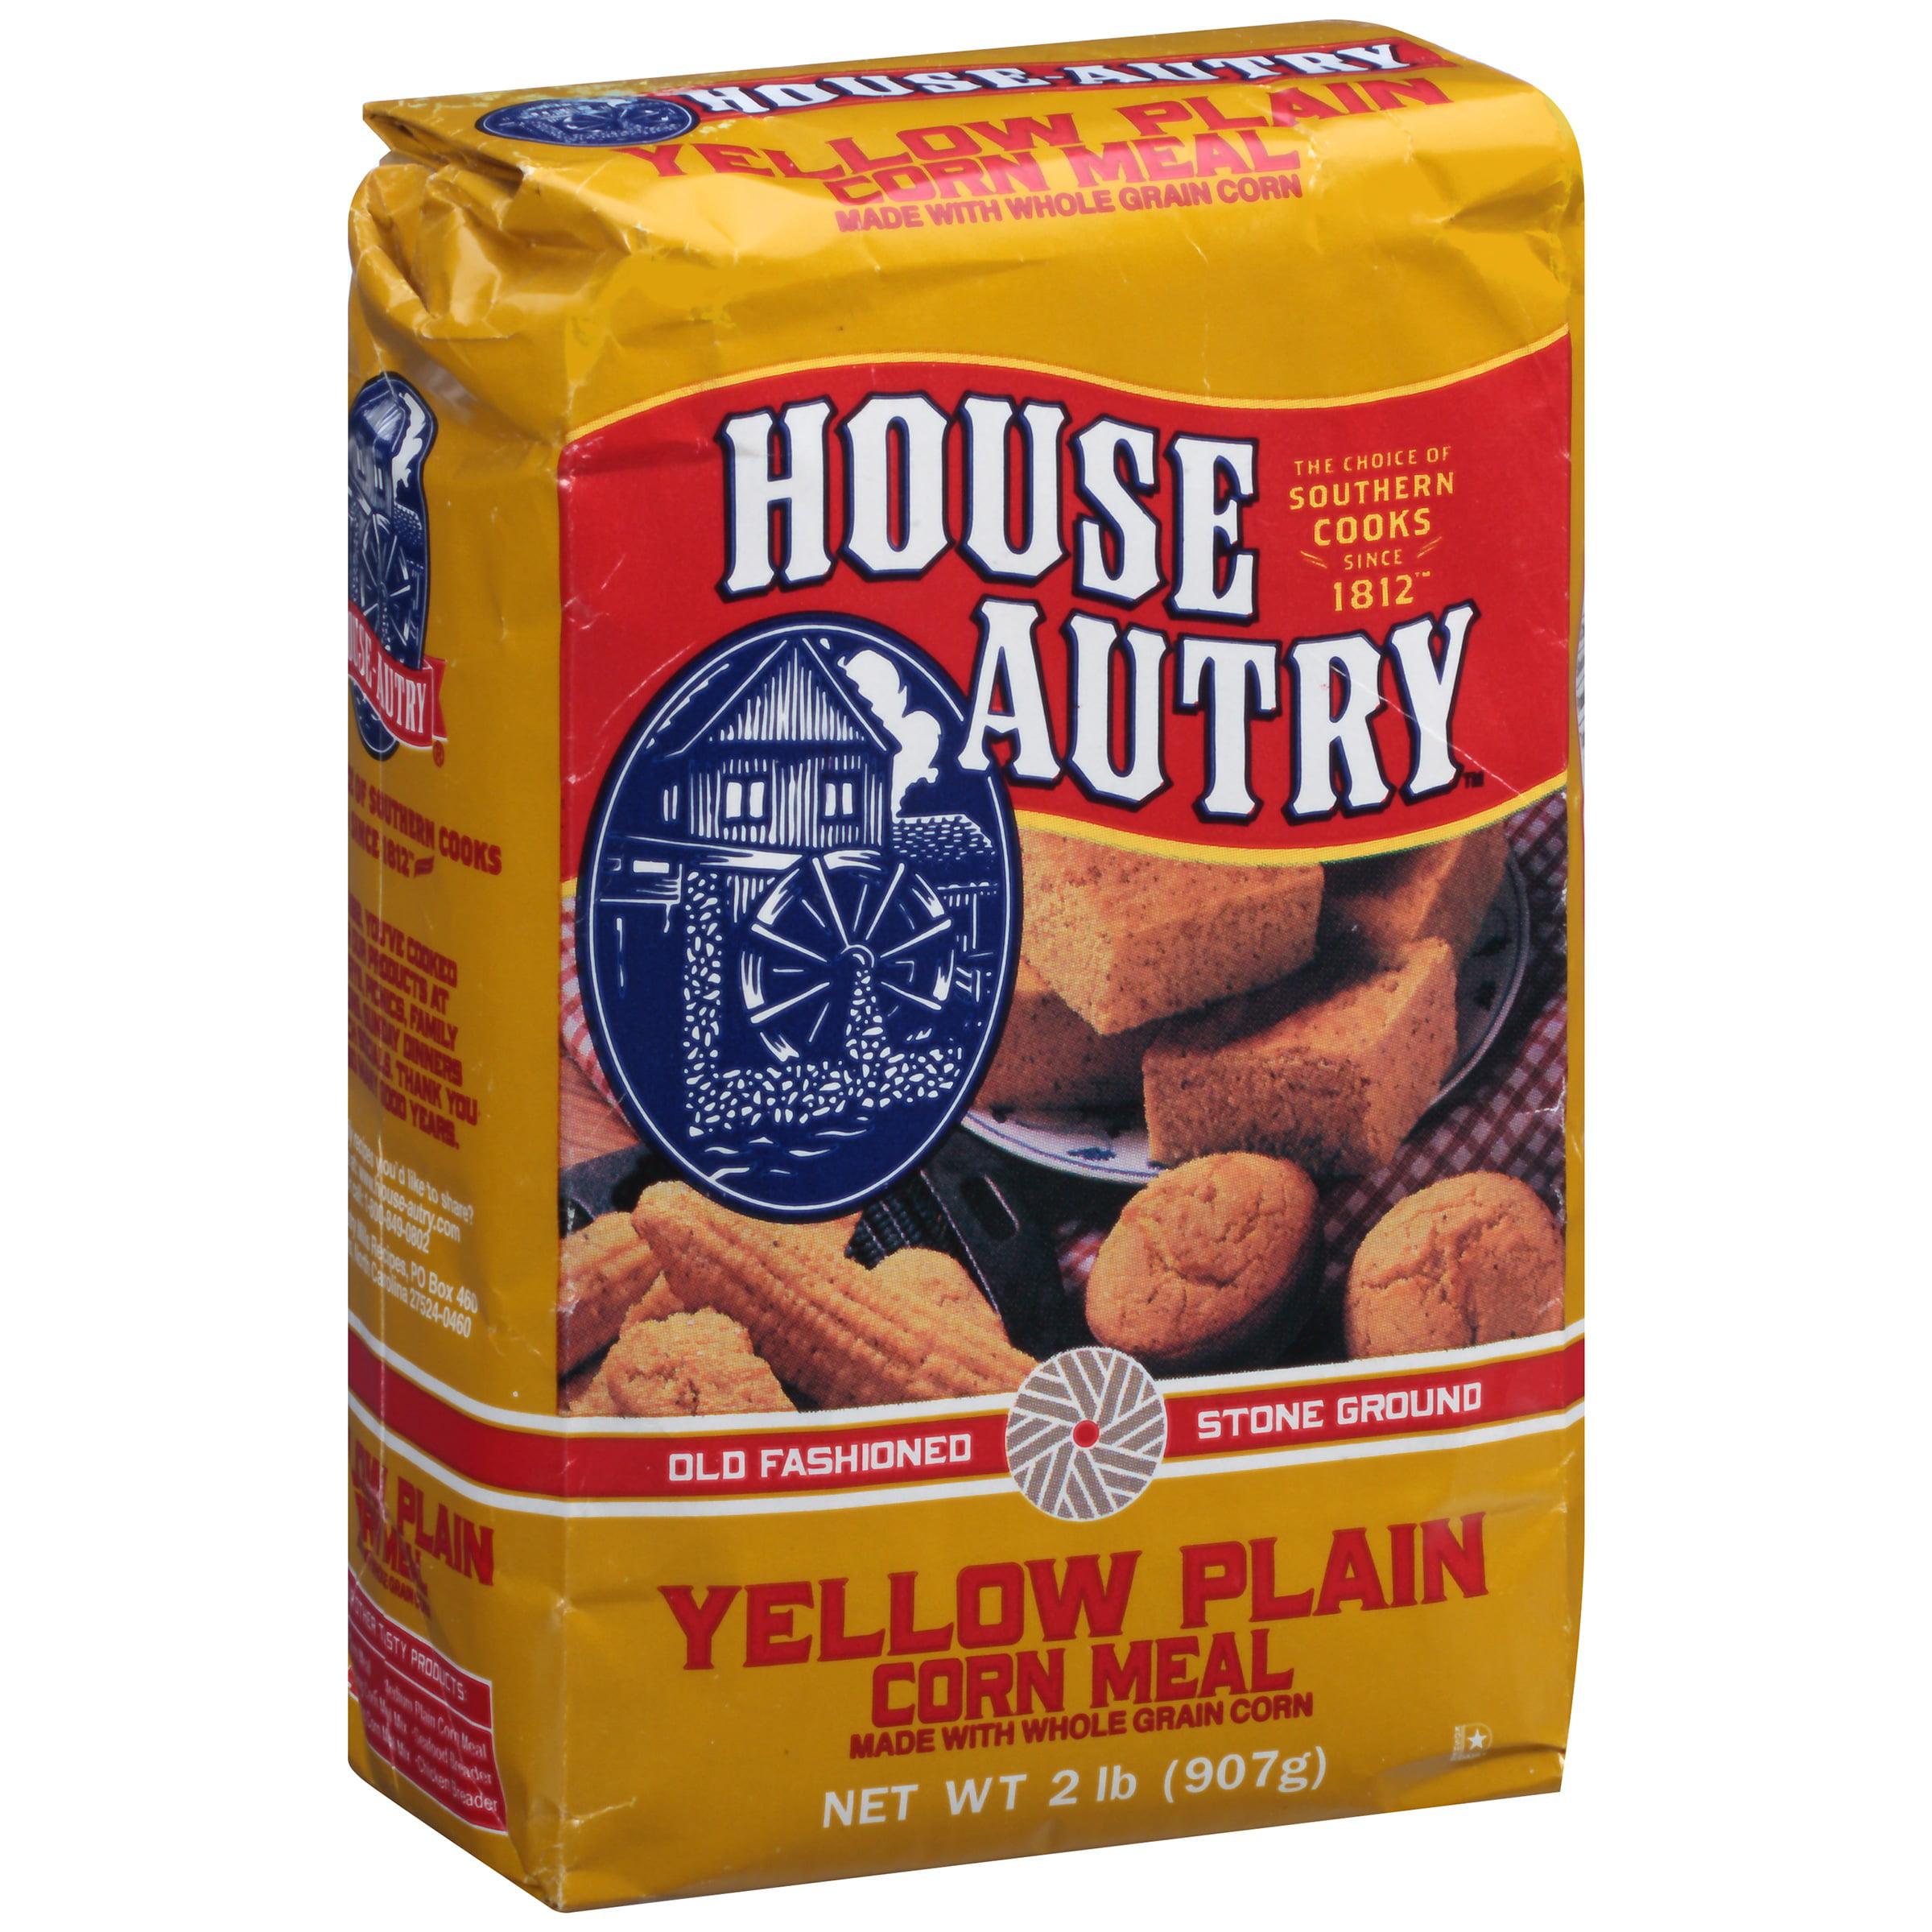 House-Autry Yellow Plain Corn Meal 2 lb. Bag